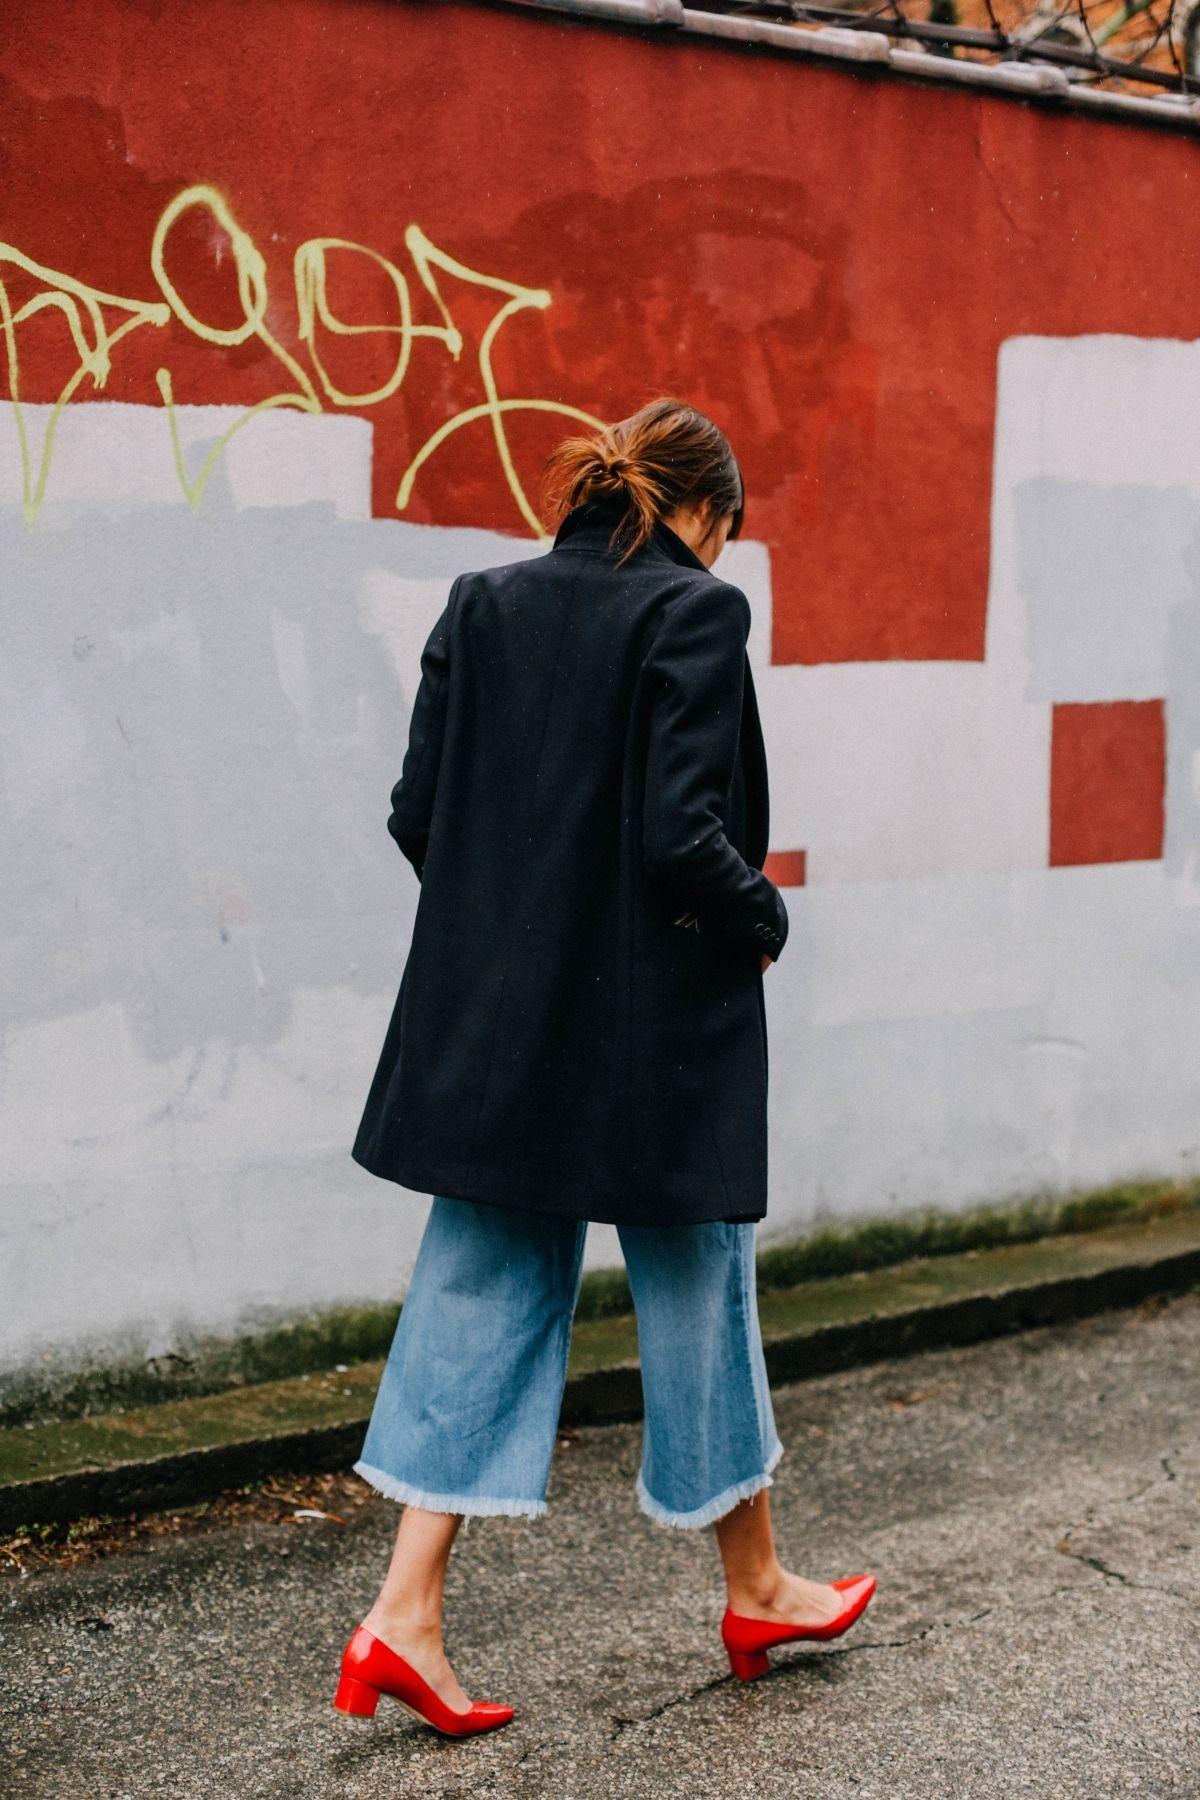 Đừng mãi quanh quẩn với giày đen/trắng nữa, giày đỏ mới thực sự giúp nâng tầm style và khiến bạn trông sang như gái Pháp - Ảnh 14.